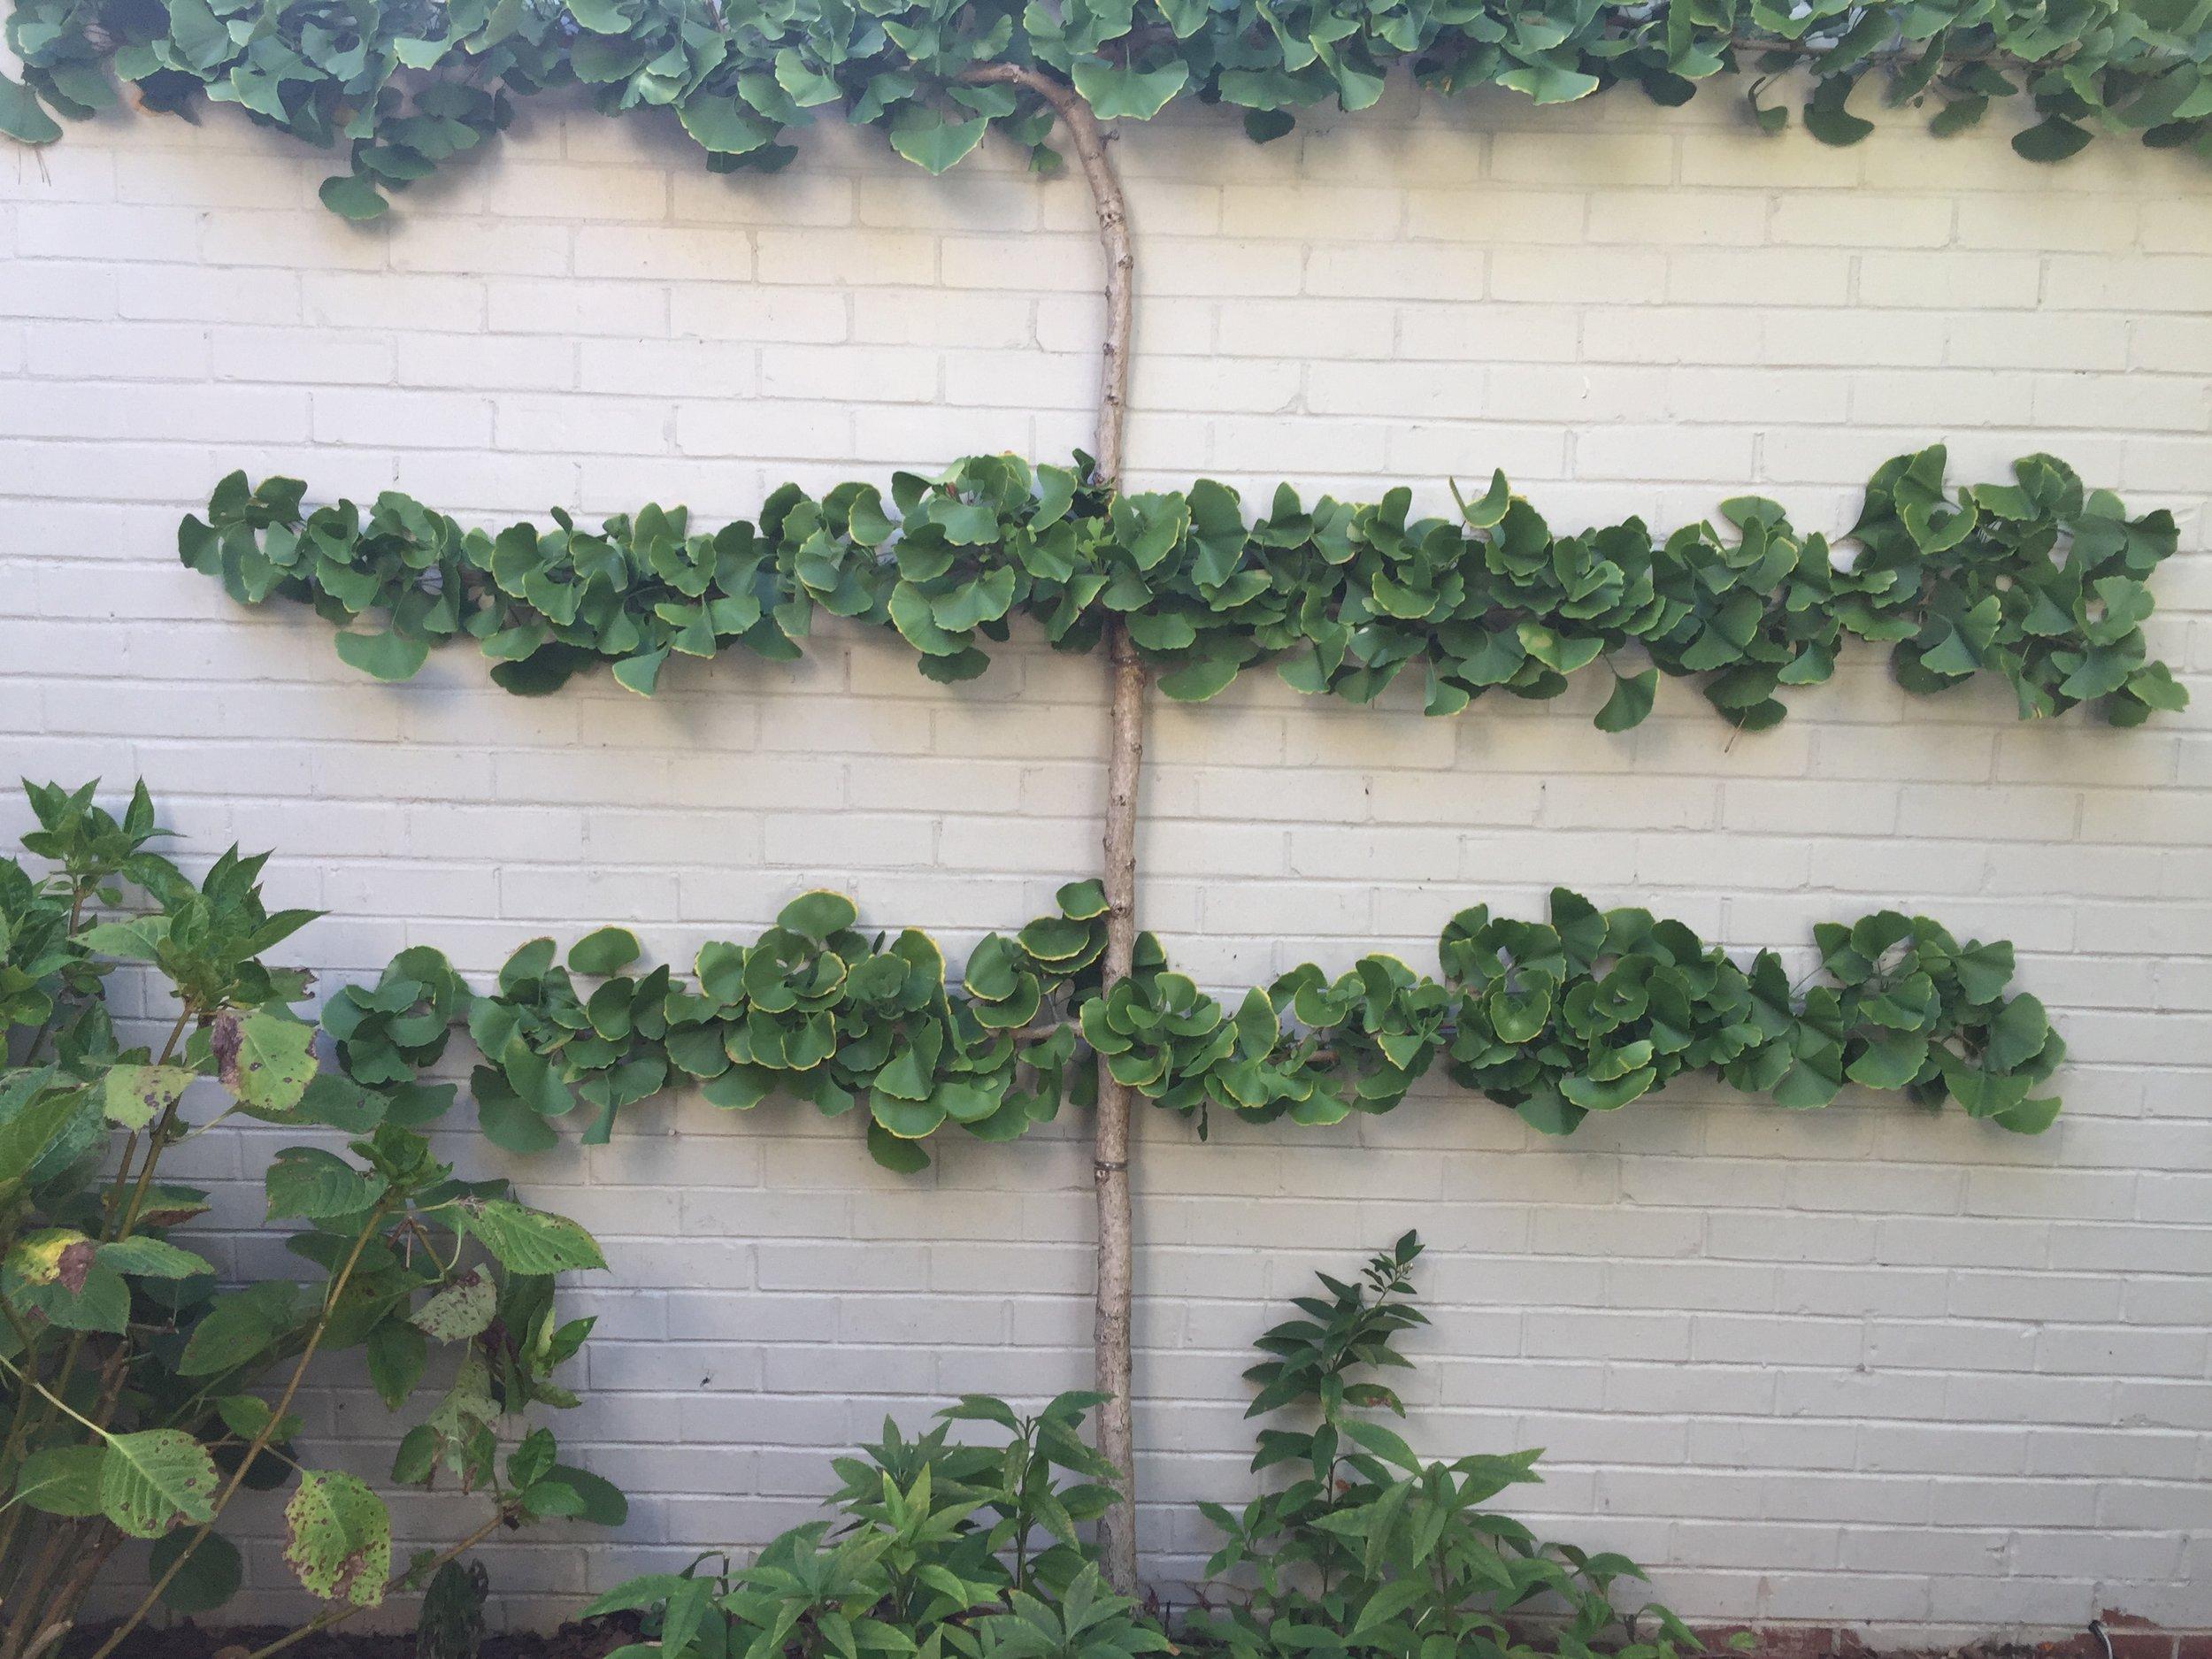 Espalier ginkgo. Same garden as knot garden.